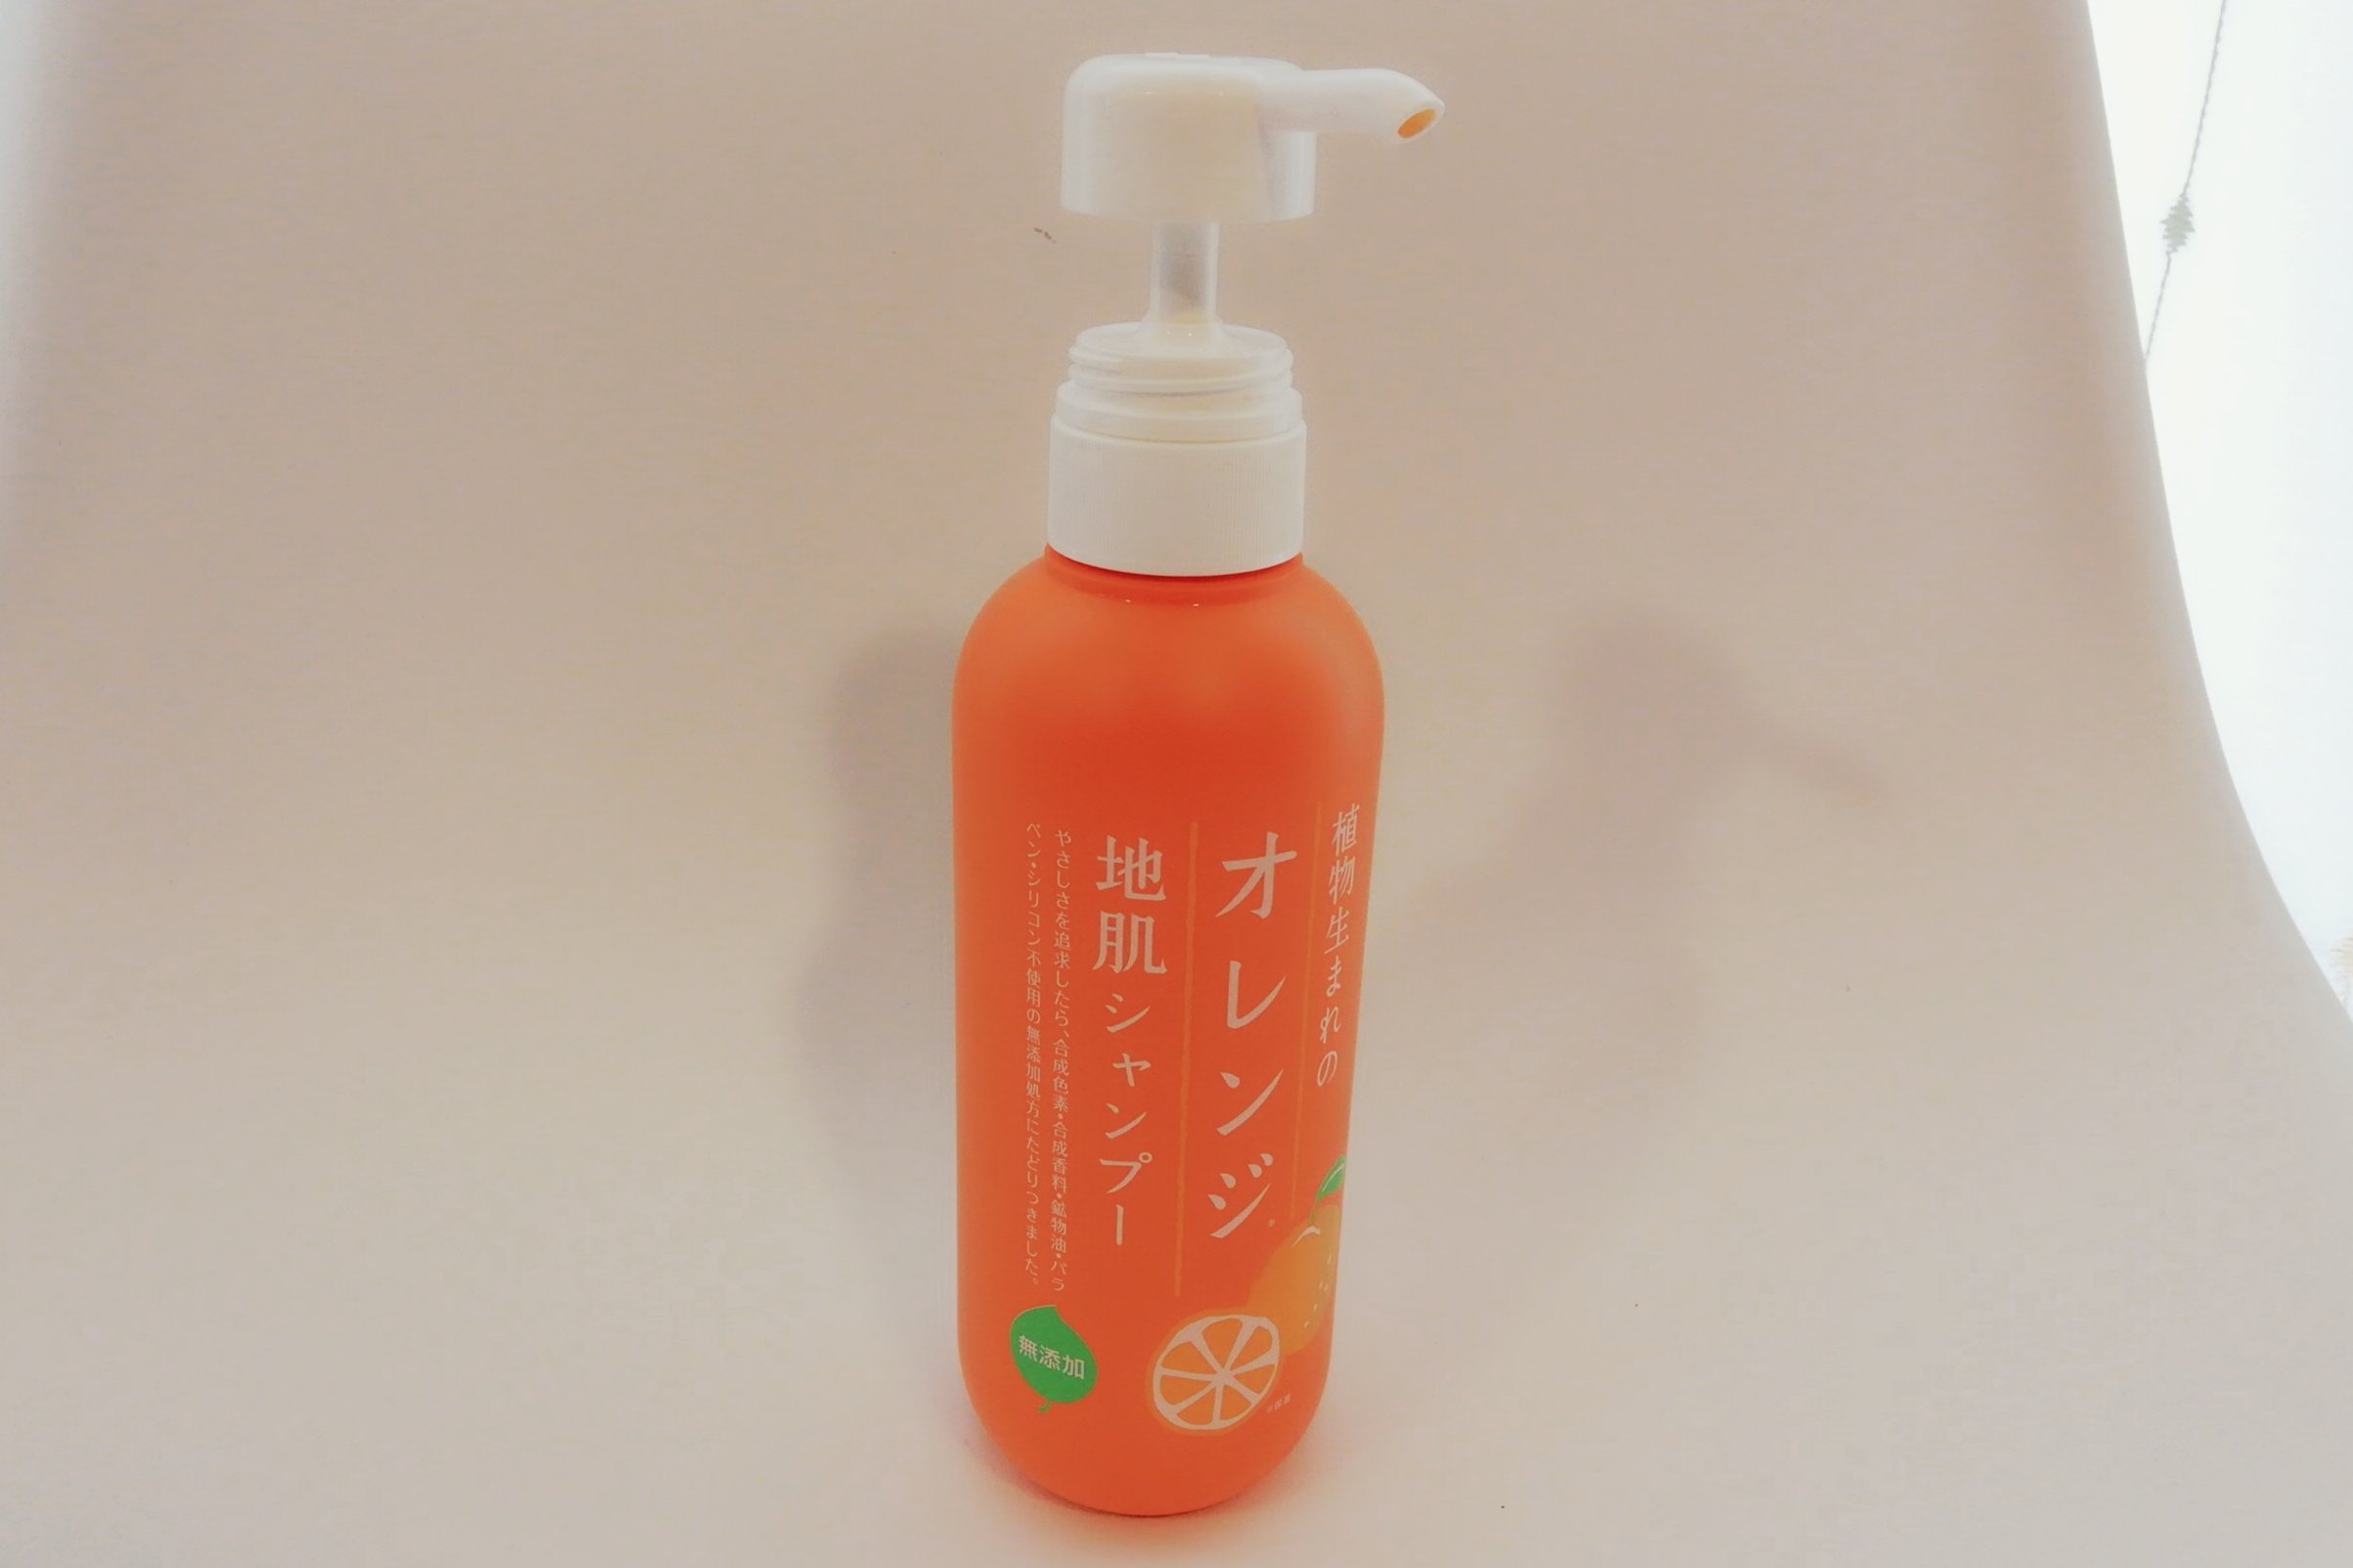 【女性向け】頭皮の臭いはオレンジ地肌シャンプーで消える!その他の対策も3つ紹介するよ